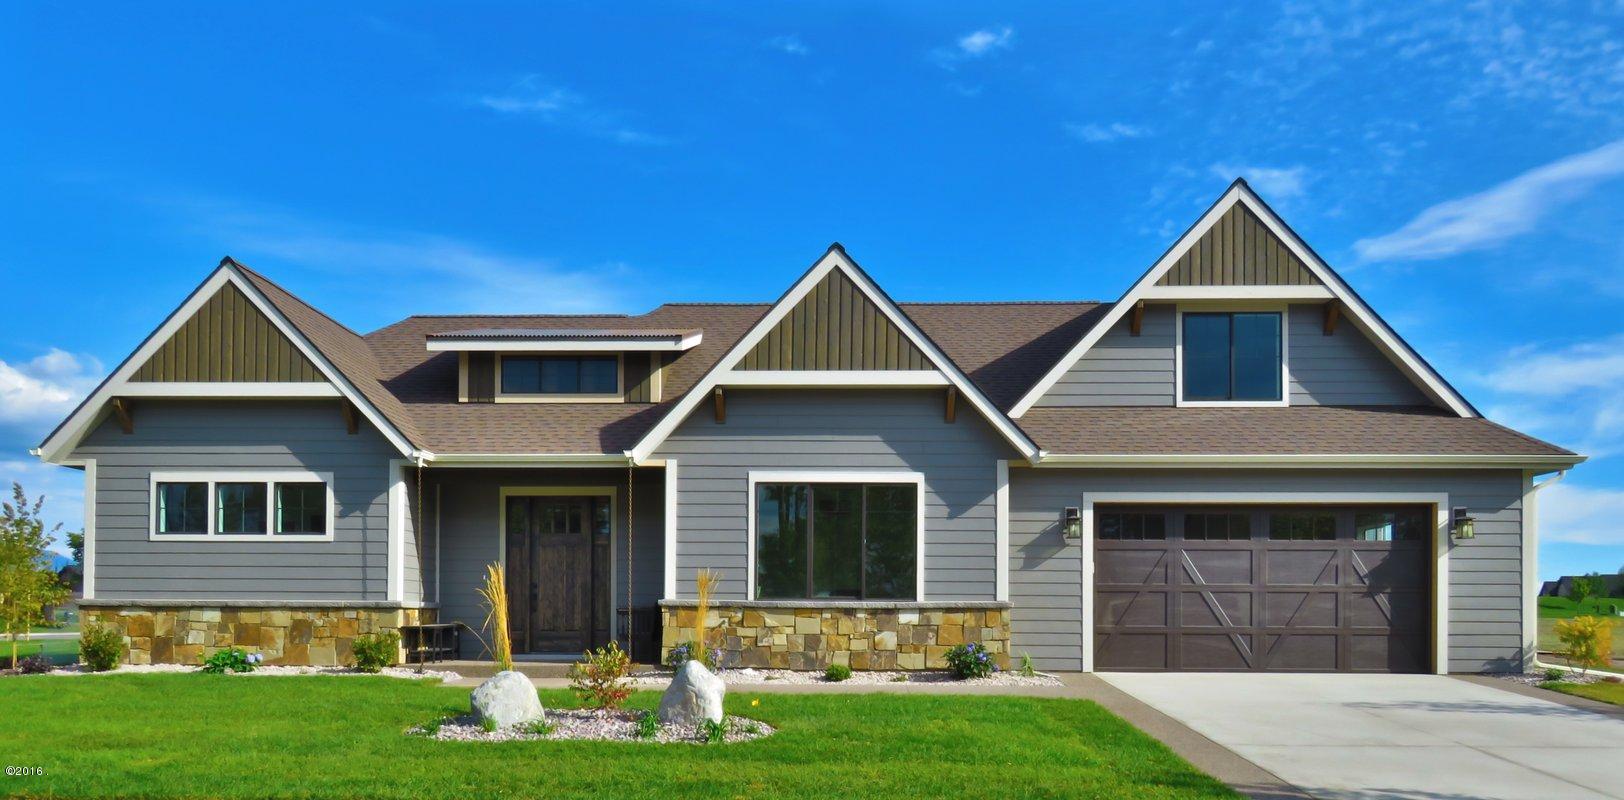 Single Family Home for Sale at 115 Antler Peak Lane Kalispell, Montana 59901 United States